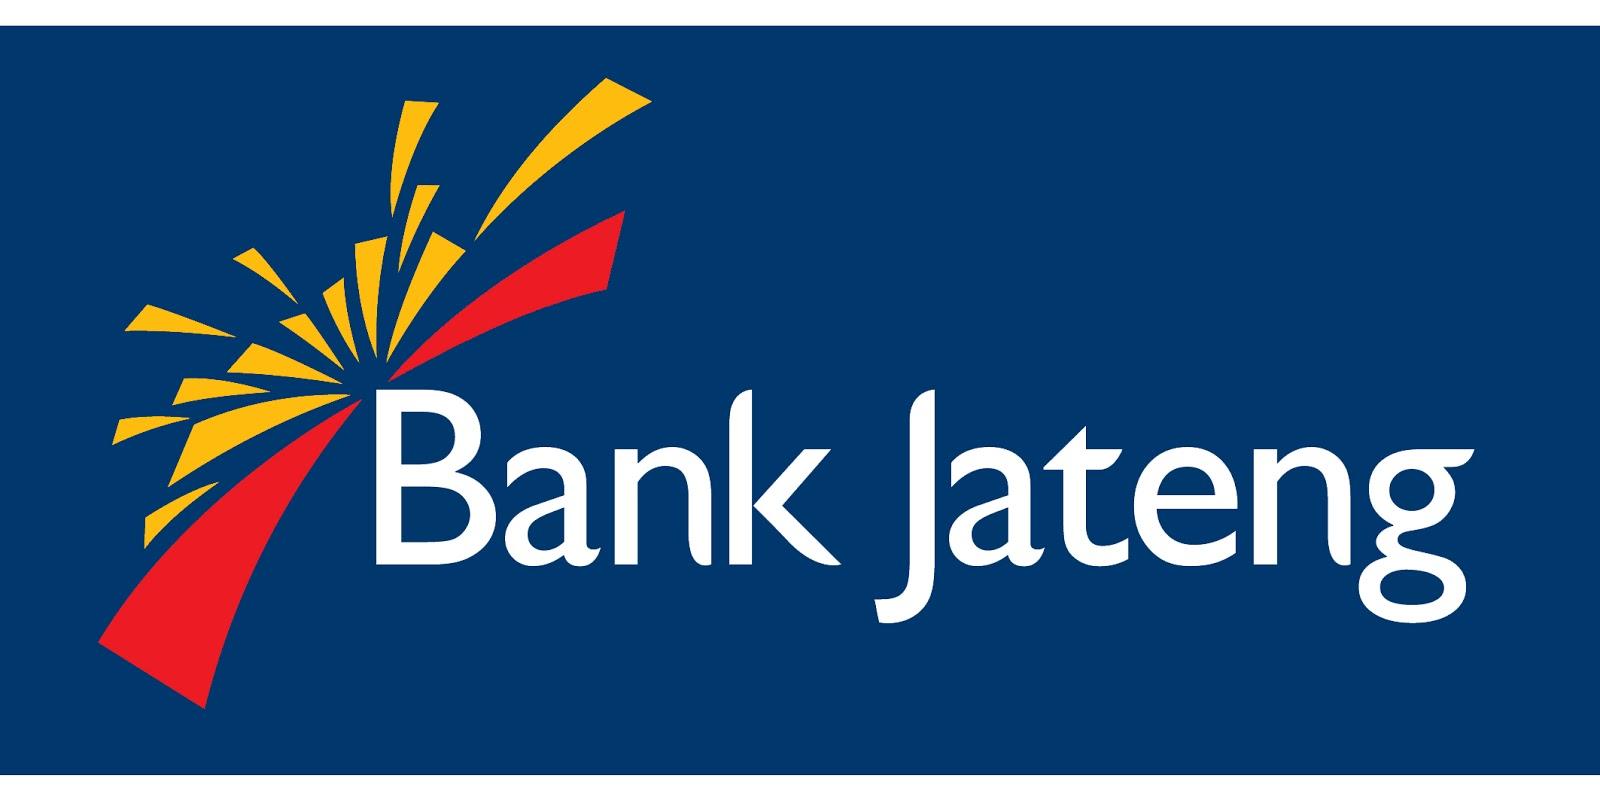 Lowongan Kerja Bank Di Bulan September 2013 Untuk Daerah Makassar Lowongan Kerja Loker Terbaru Bulan September 2016 Lowongan Kerja Terbaru Februari 2015 Bank Bumn Cpns Pusat